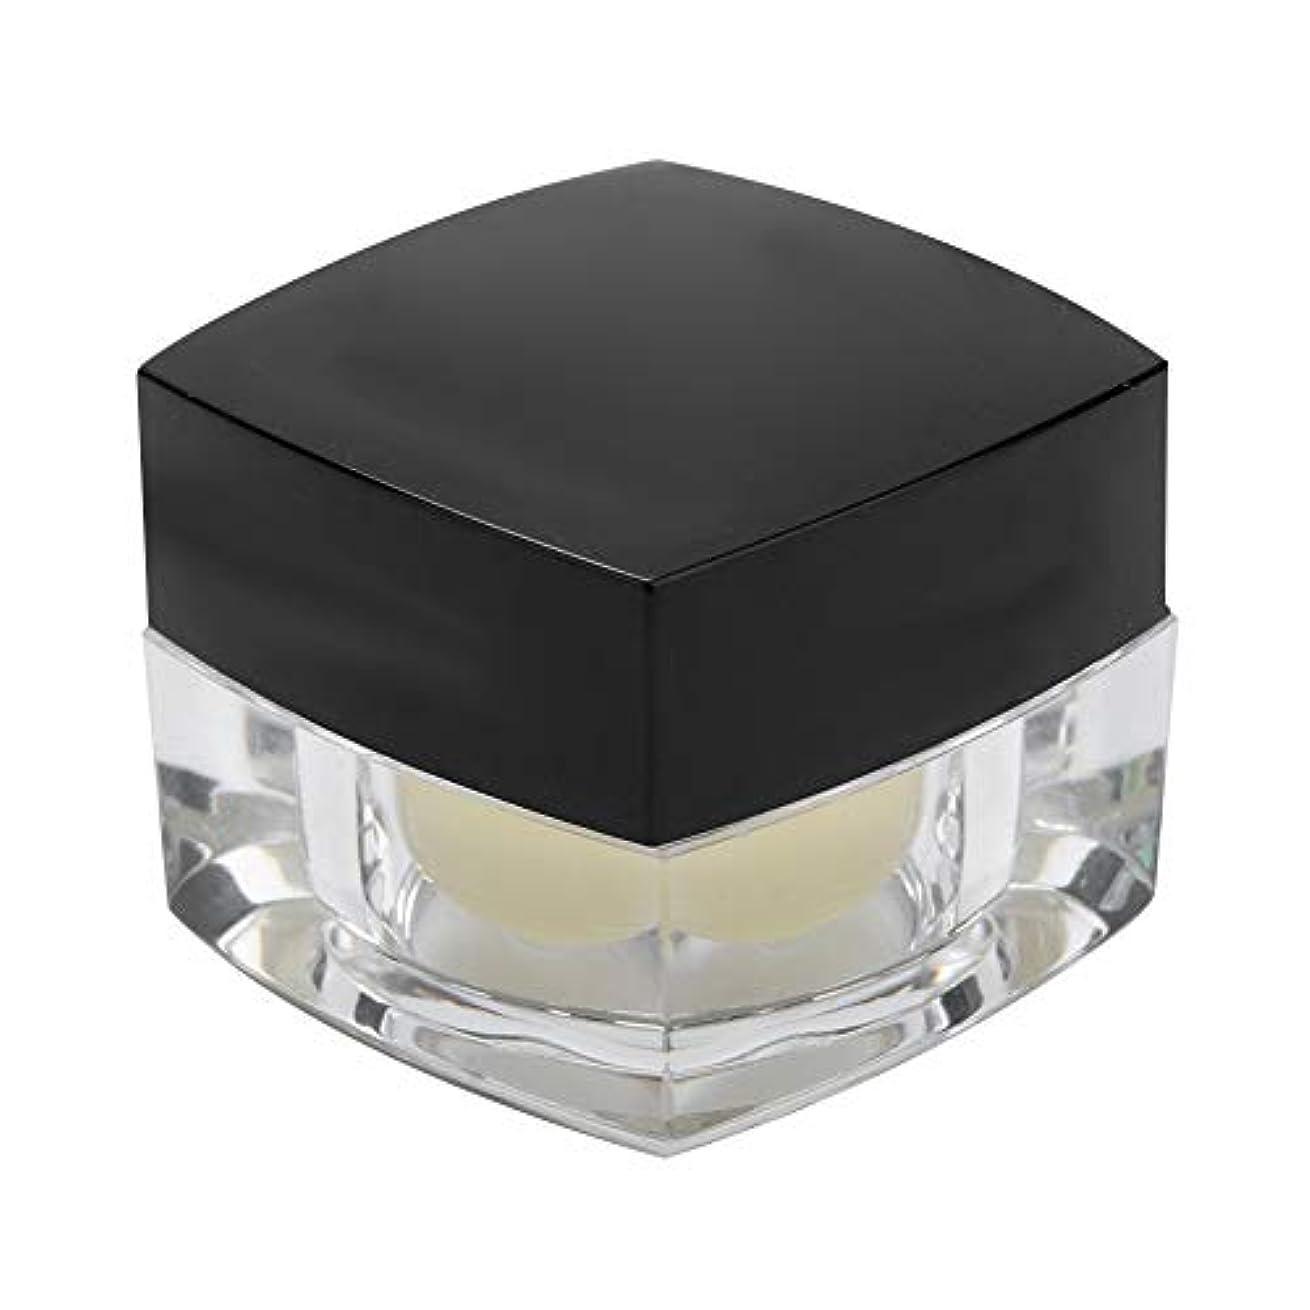 バス装置交換まつげエクステンション接着剤リムーバー、つけまつげクリーム非刺激性まつげグラフトゲル除去クリーム - 5g